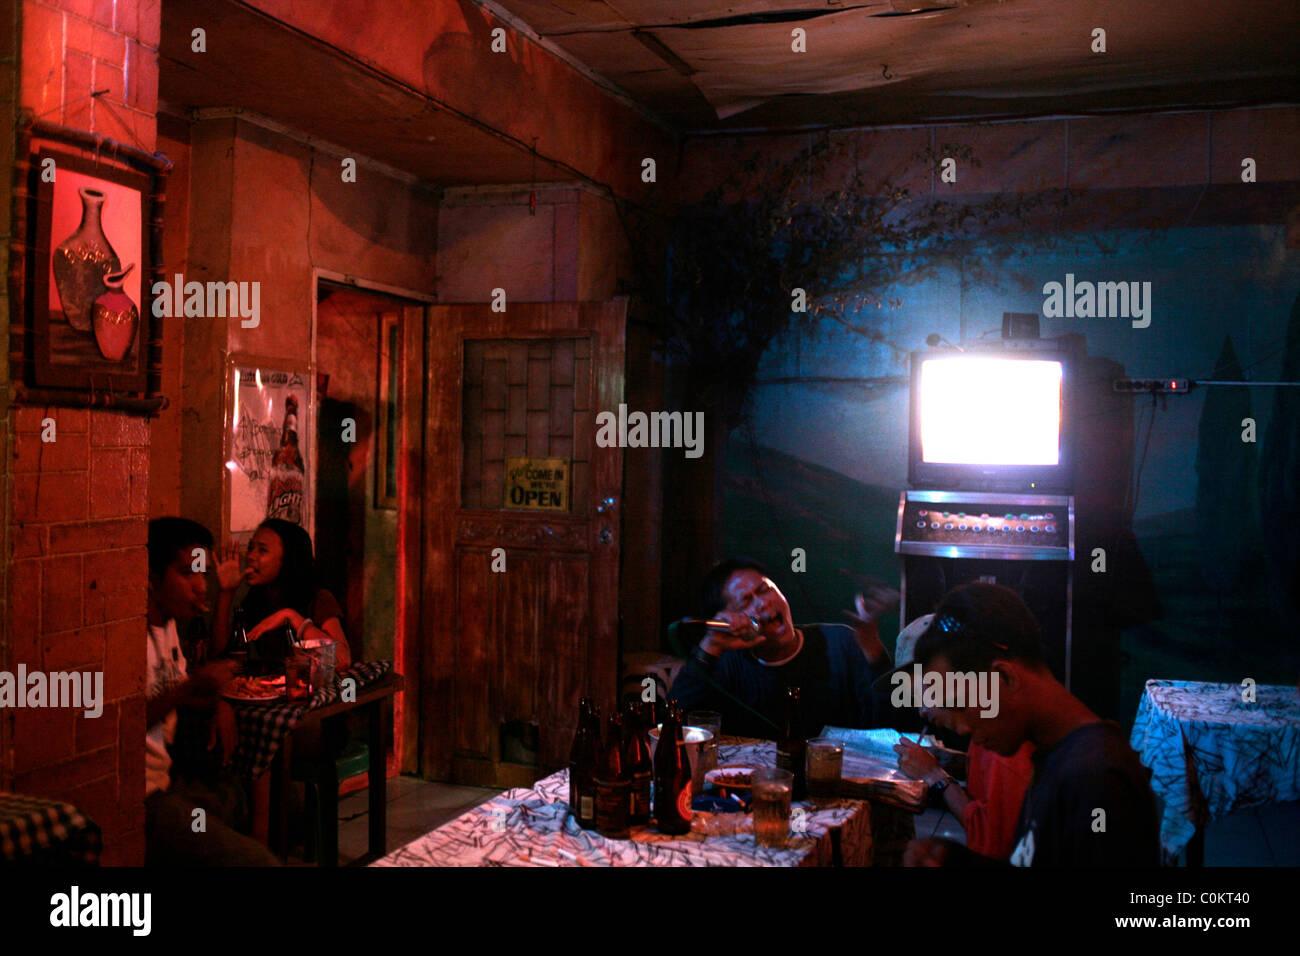 Patrons sing in a karaoke bar in Adriatico Street, Malate